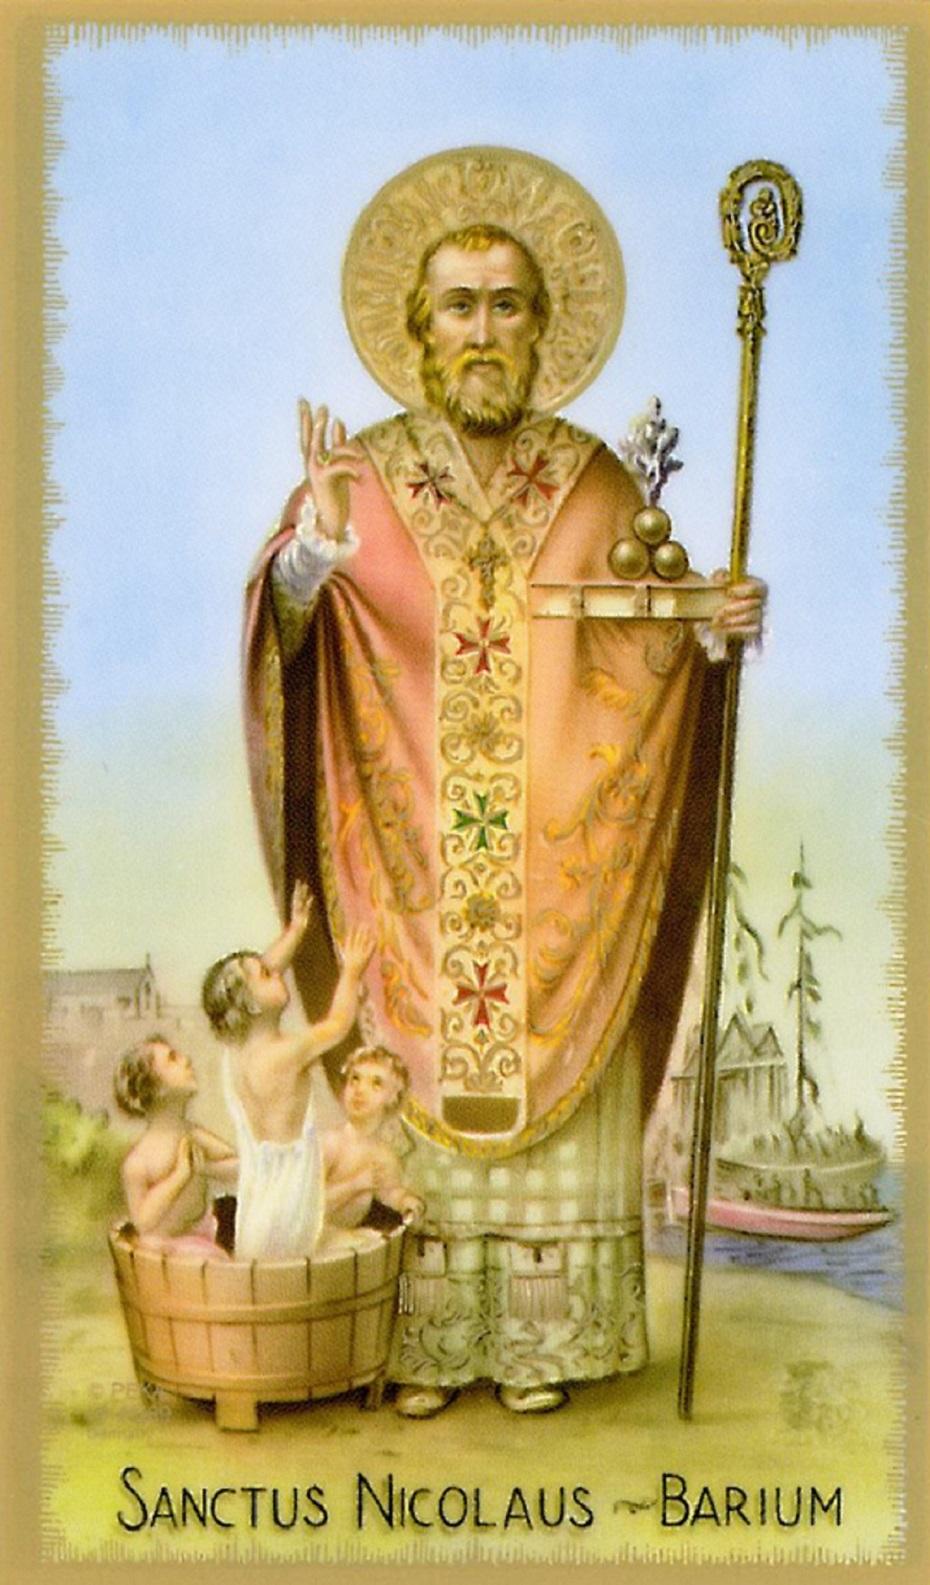 le père noel a rencontré saint nicolas sur un nuage